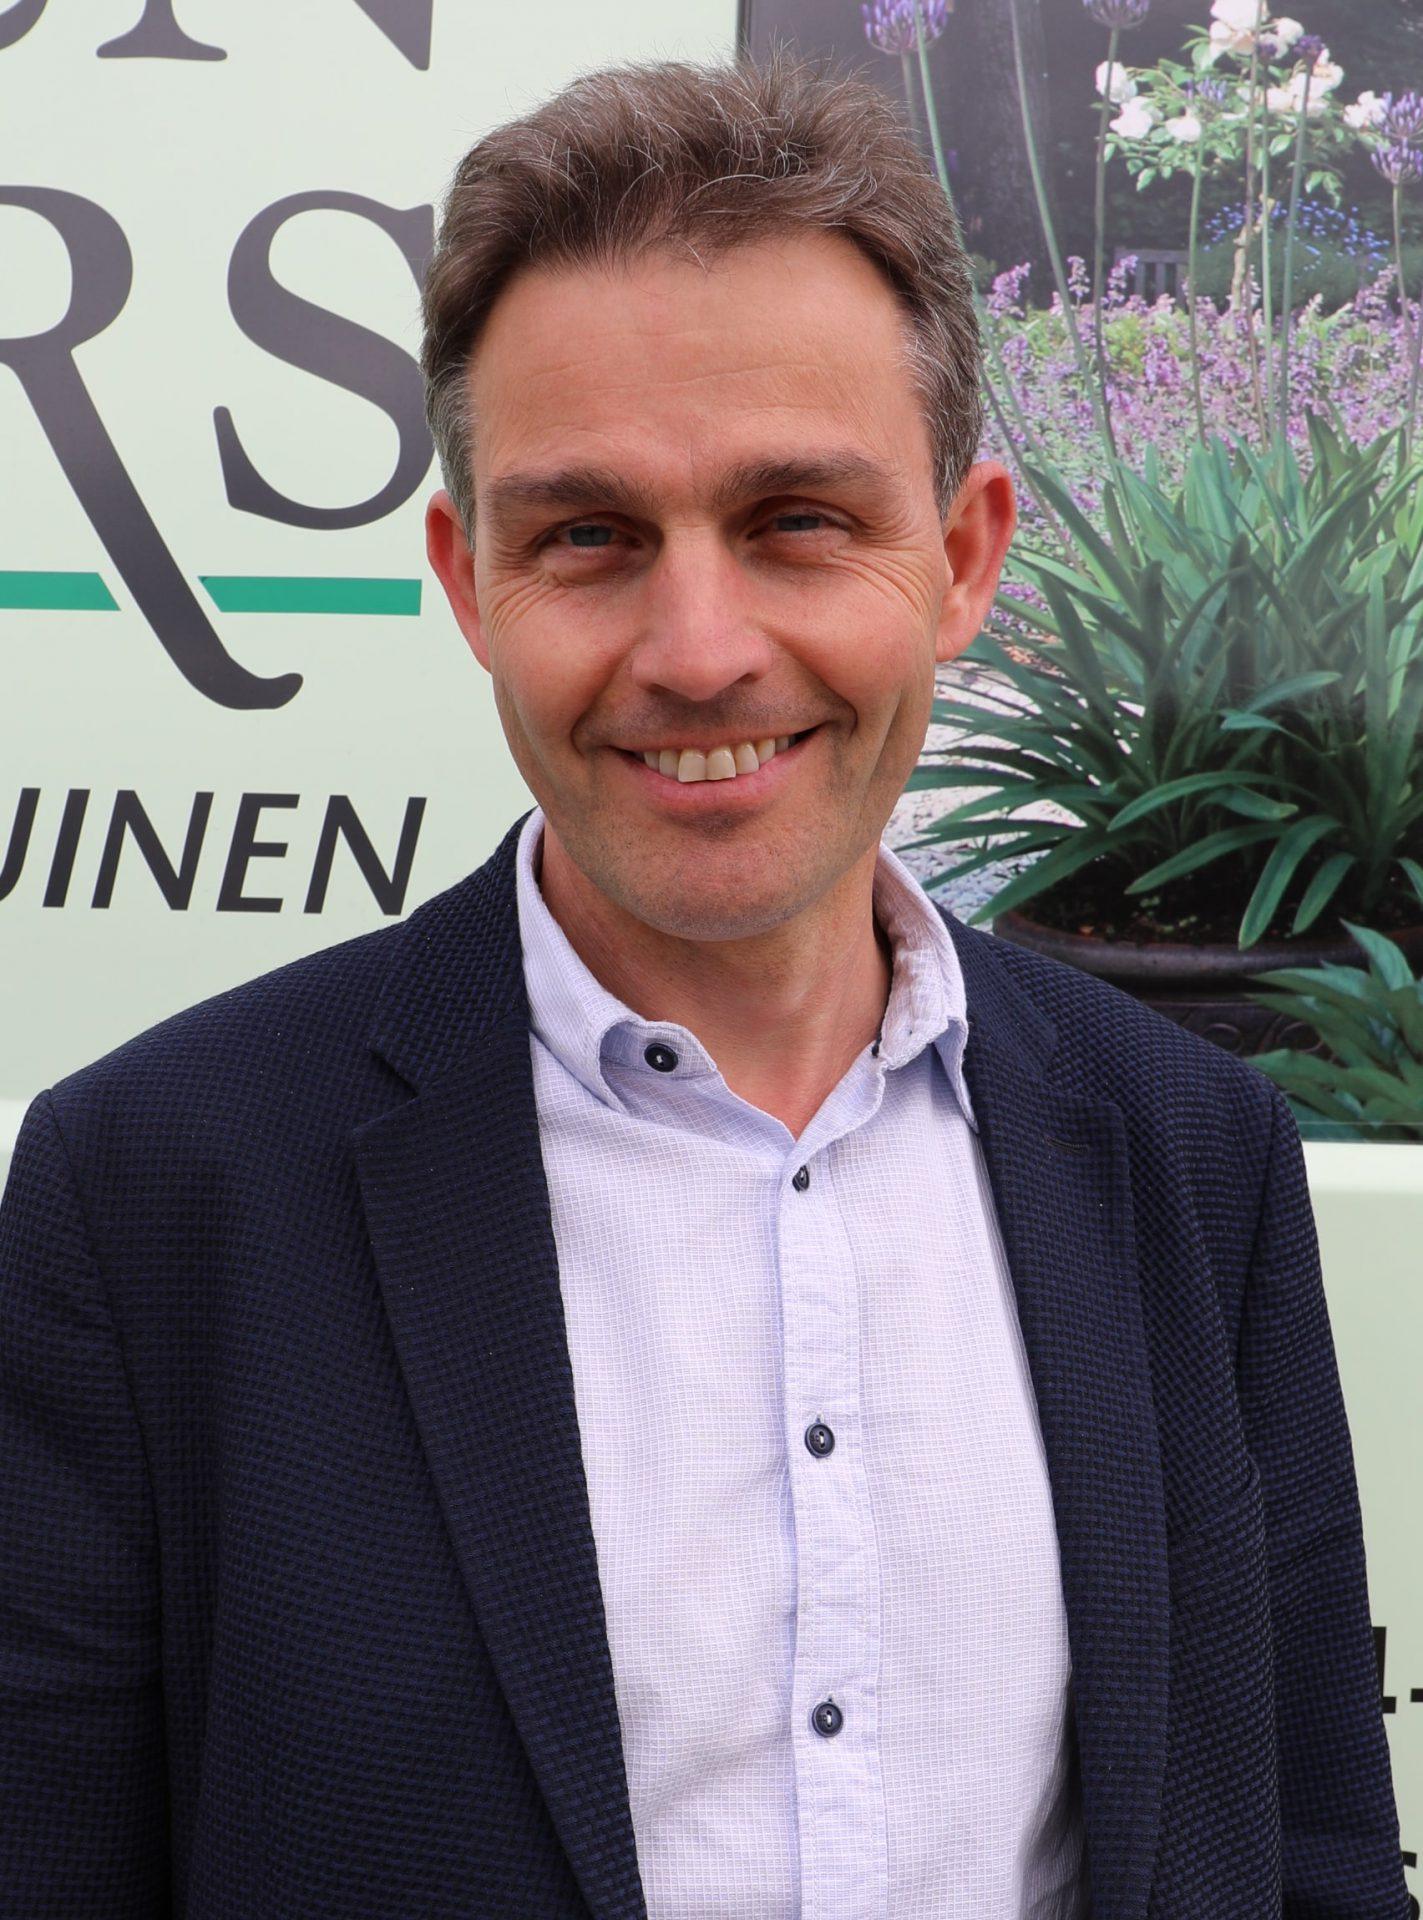 Rene Schraven